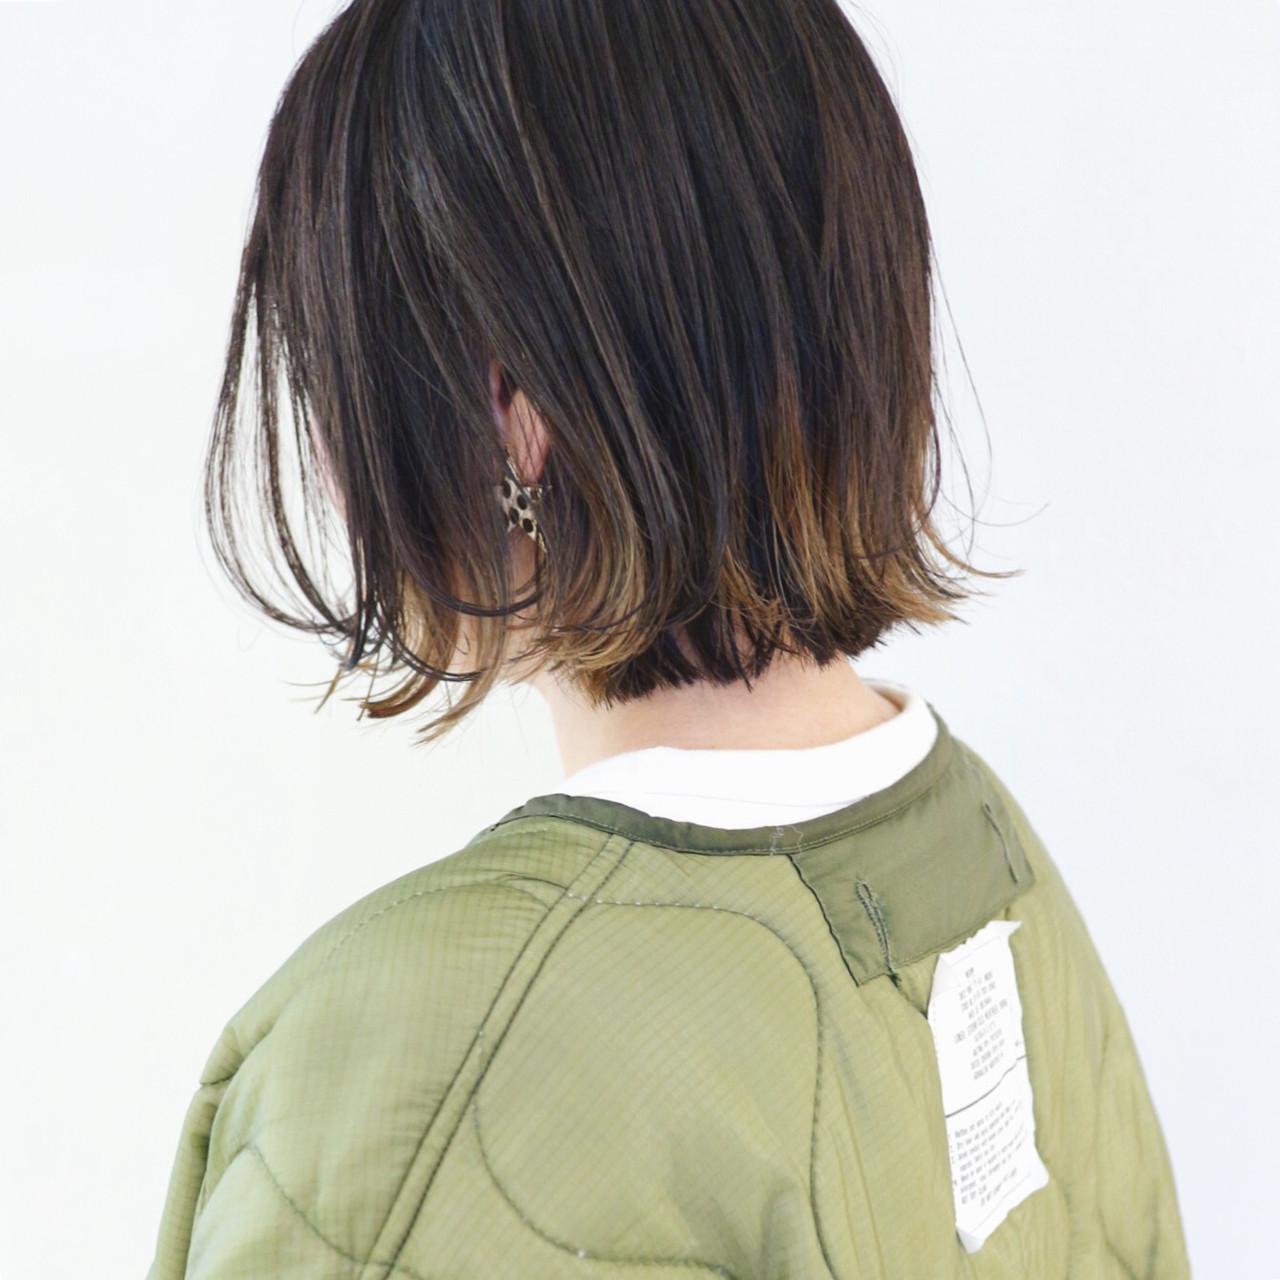 バレイヤージュ ボブ アウトドア ストリート ヘアスタイルや髪型の写真・画像 | 三好 佳奈美 / Baco.(バコ)